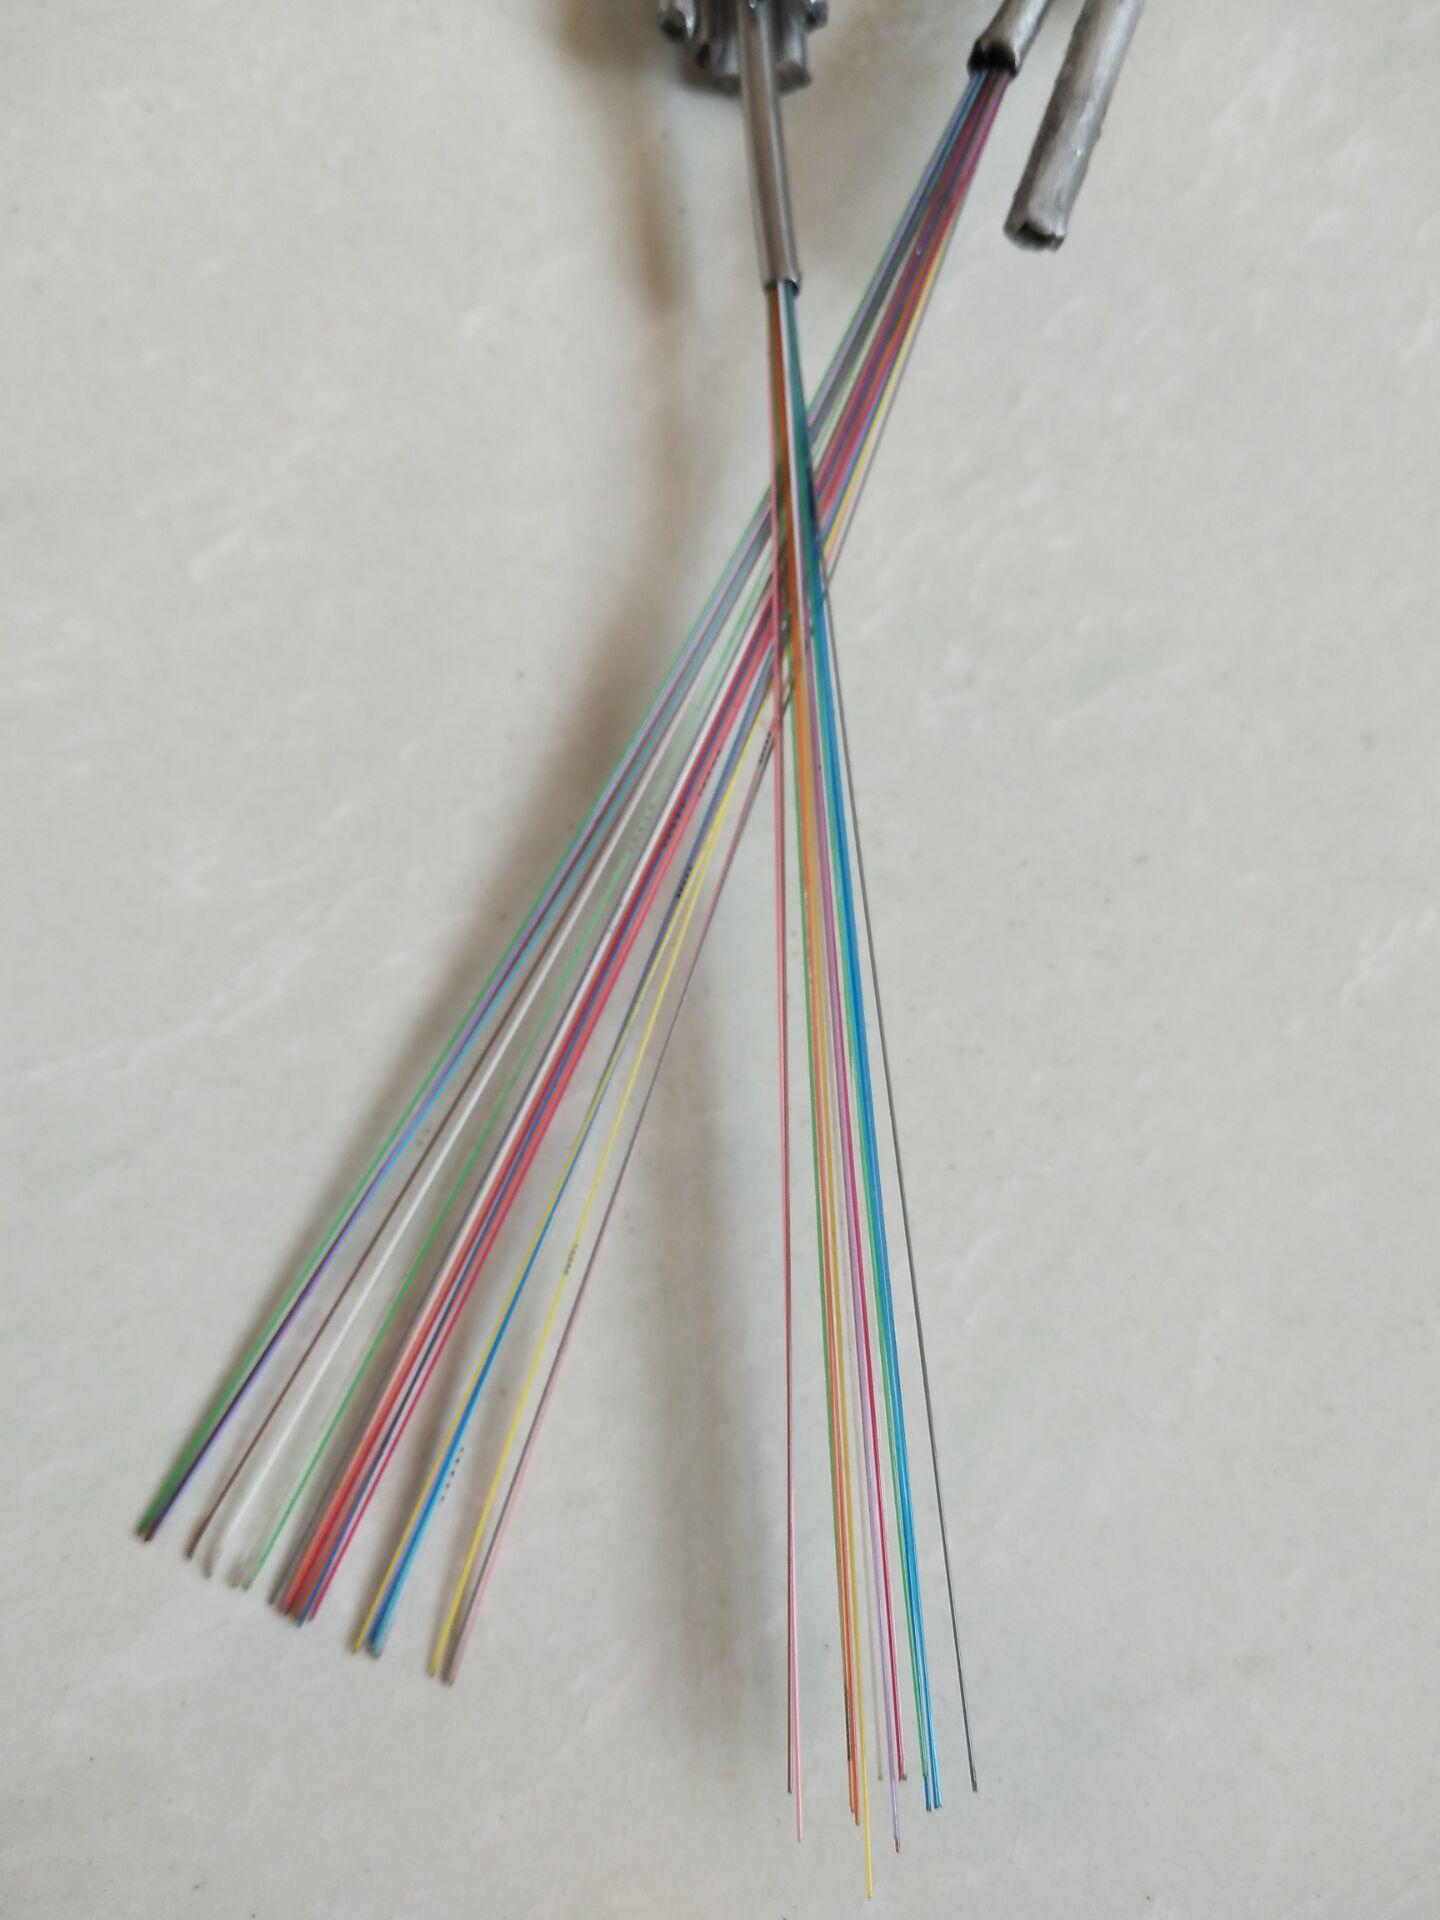 opgw光缆厂家 河北光缆之家专业生产opgw-24b1-70